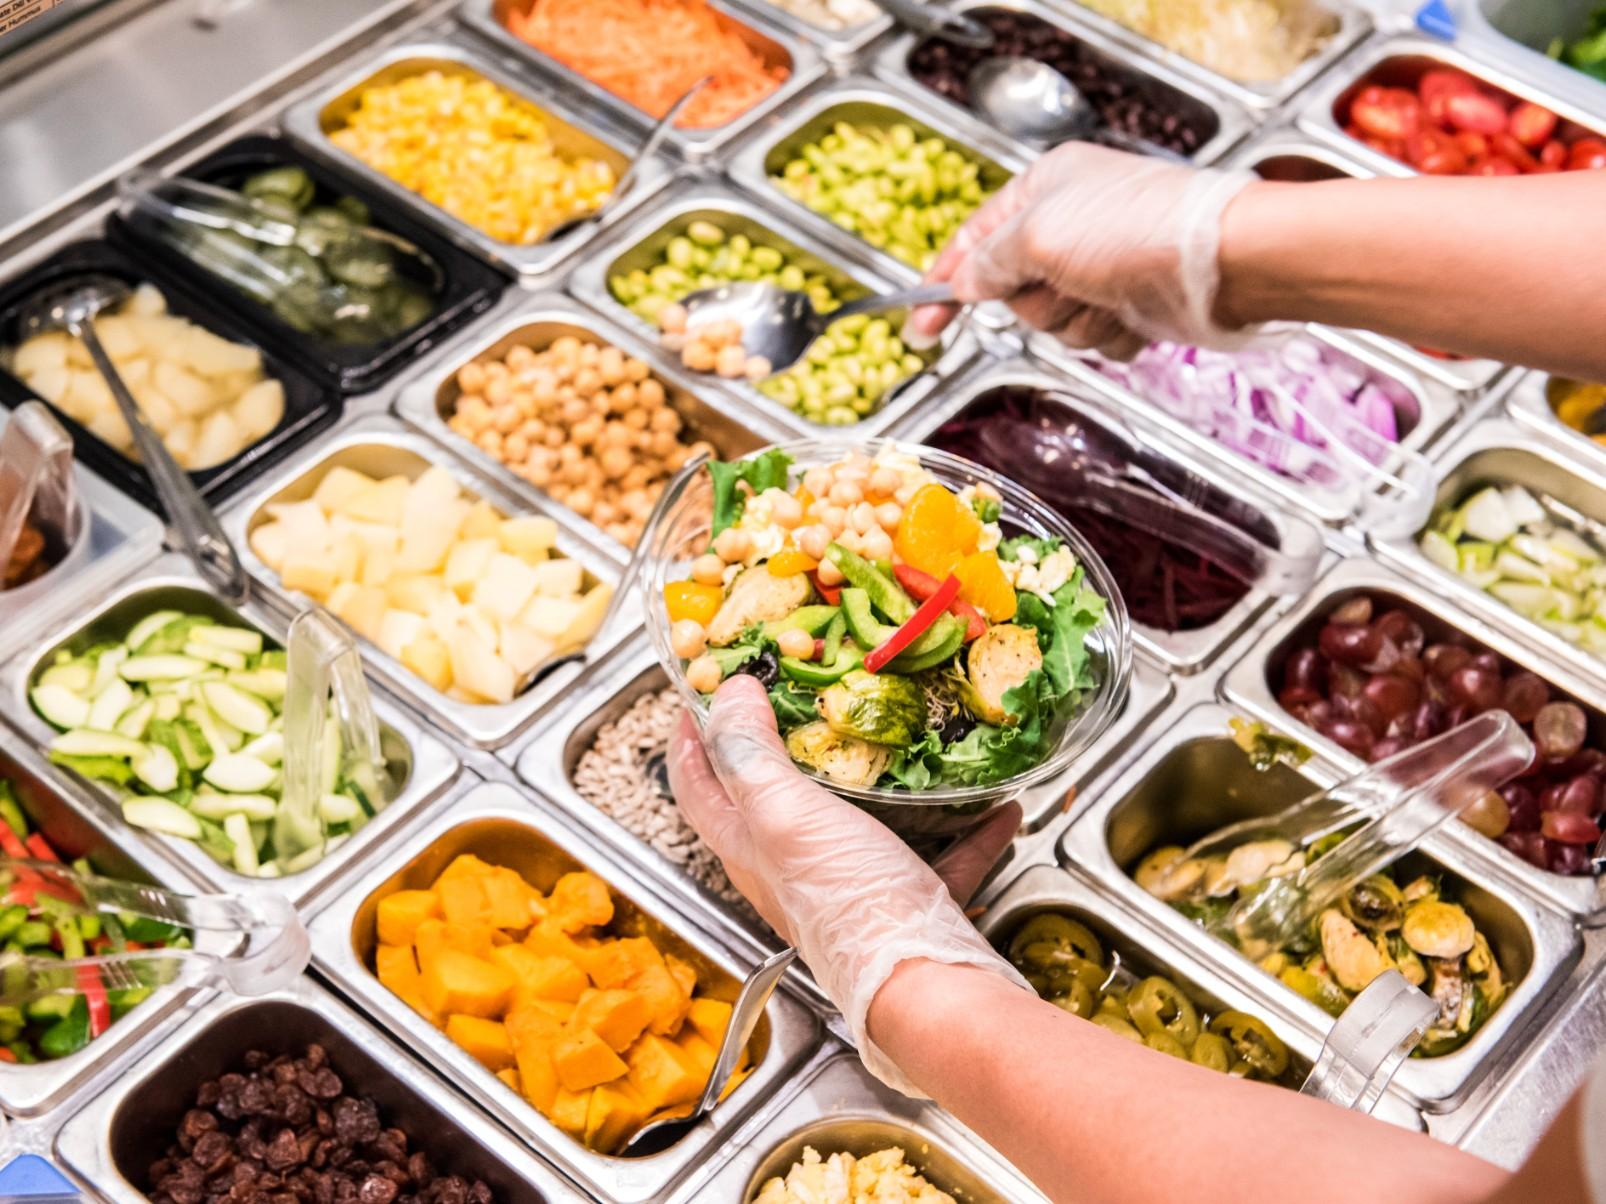 SaladStop! (Novena Square) - Dine, Shop, Earn